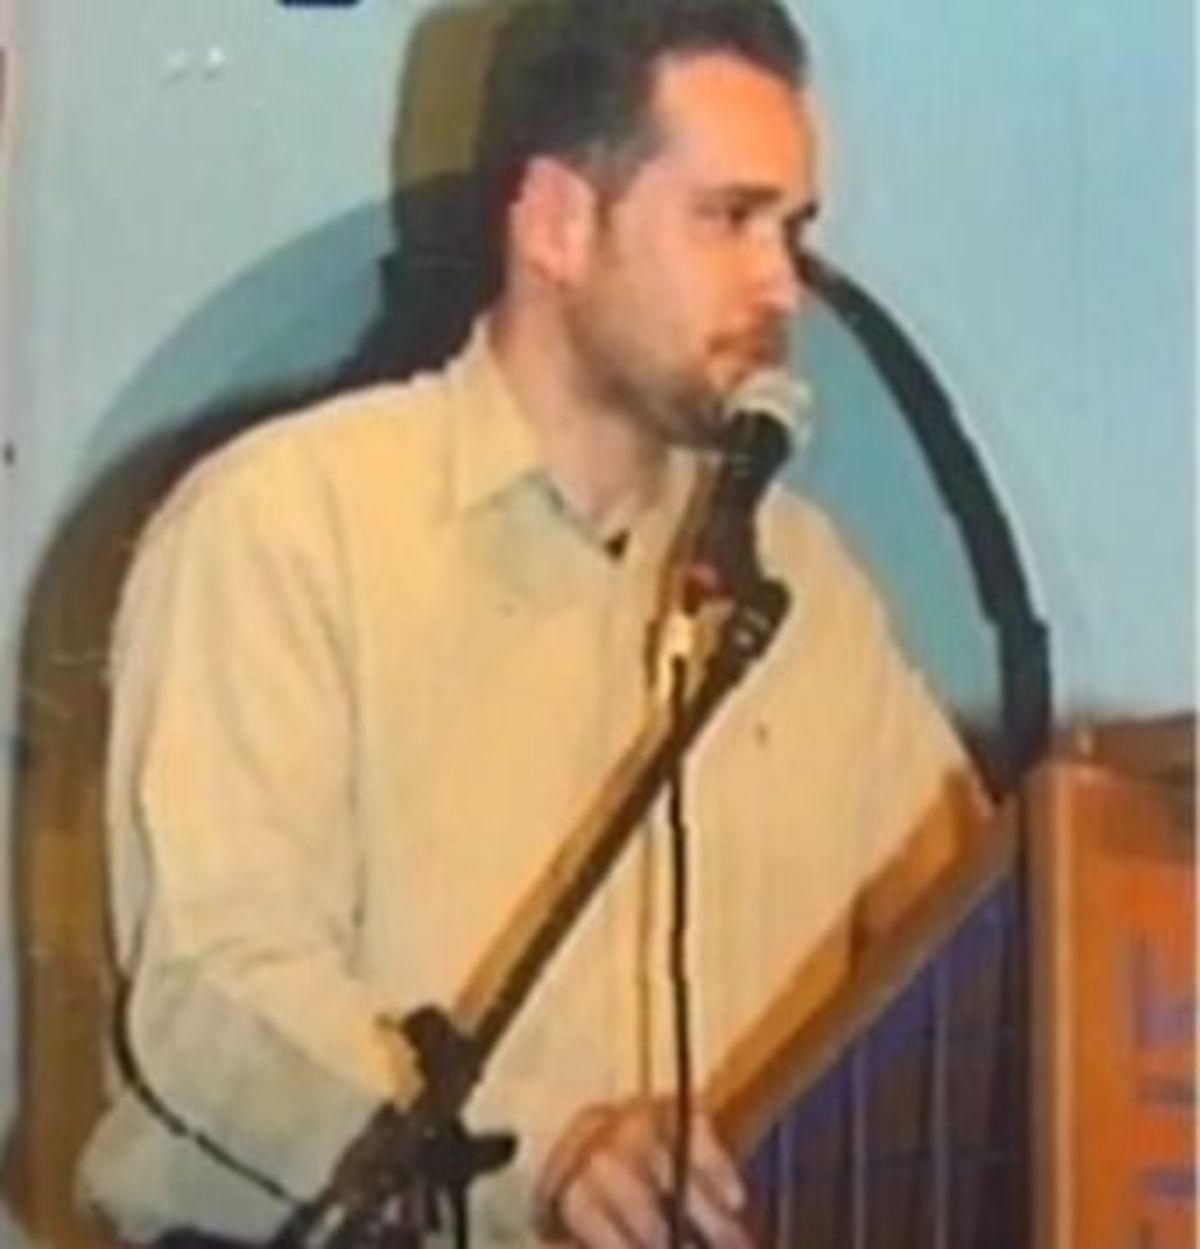 Συνελήφθη ένας από τους δολοφόνους του κοσμηματοπώλη στην Λυκόβρυση | Newsit.gr